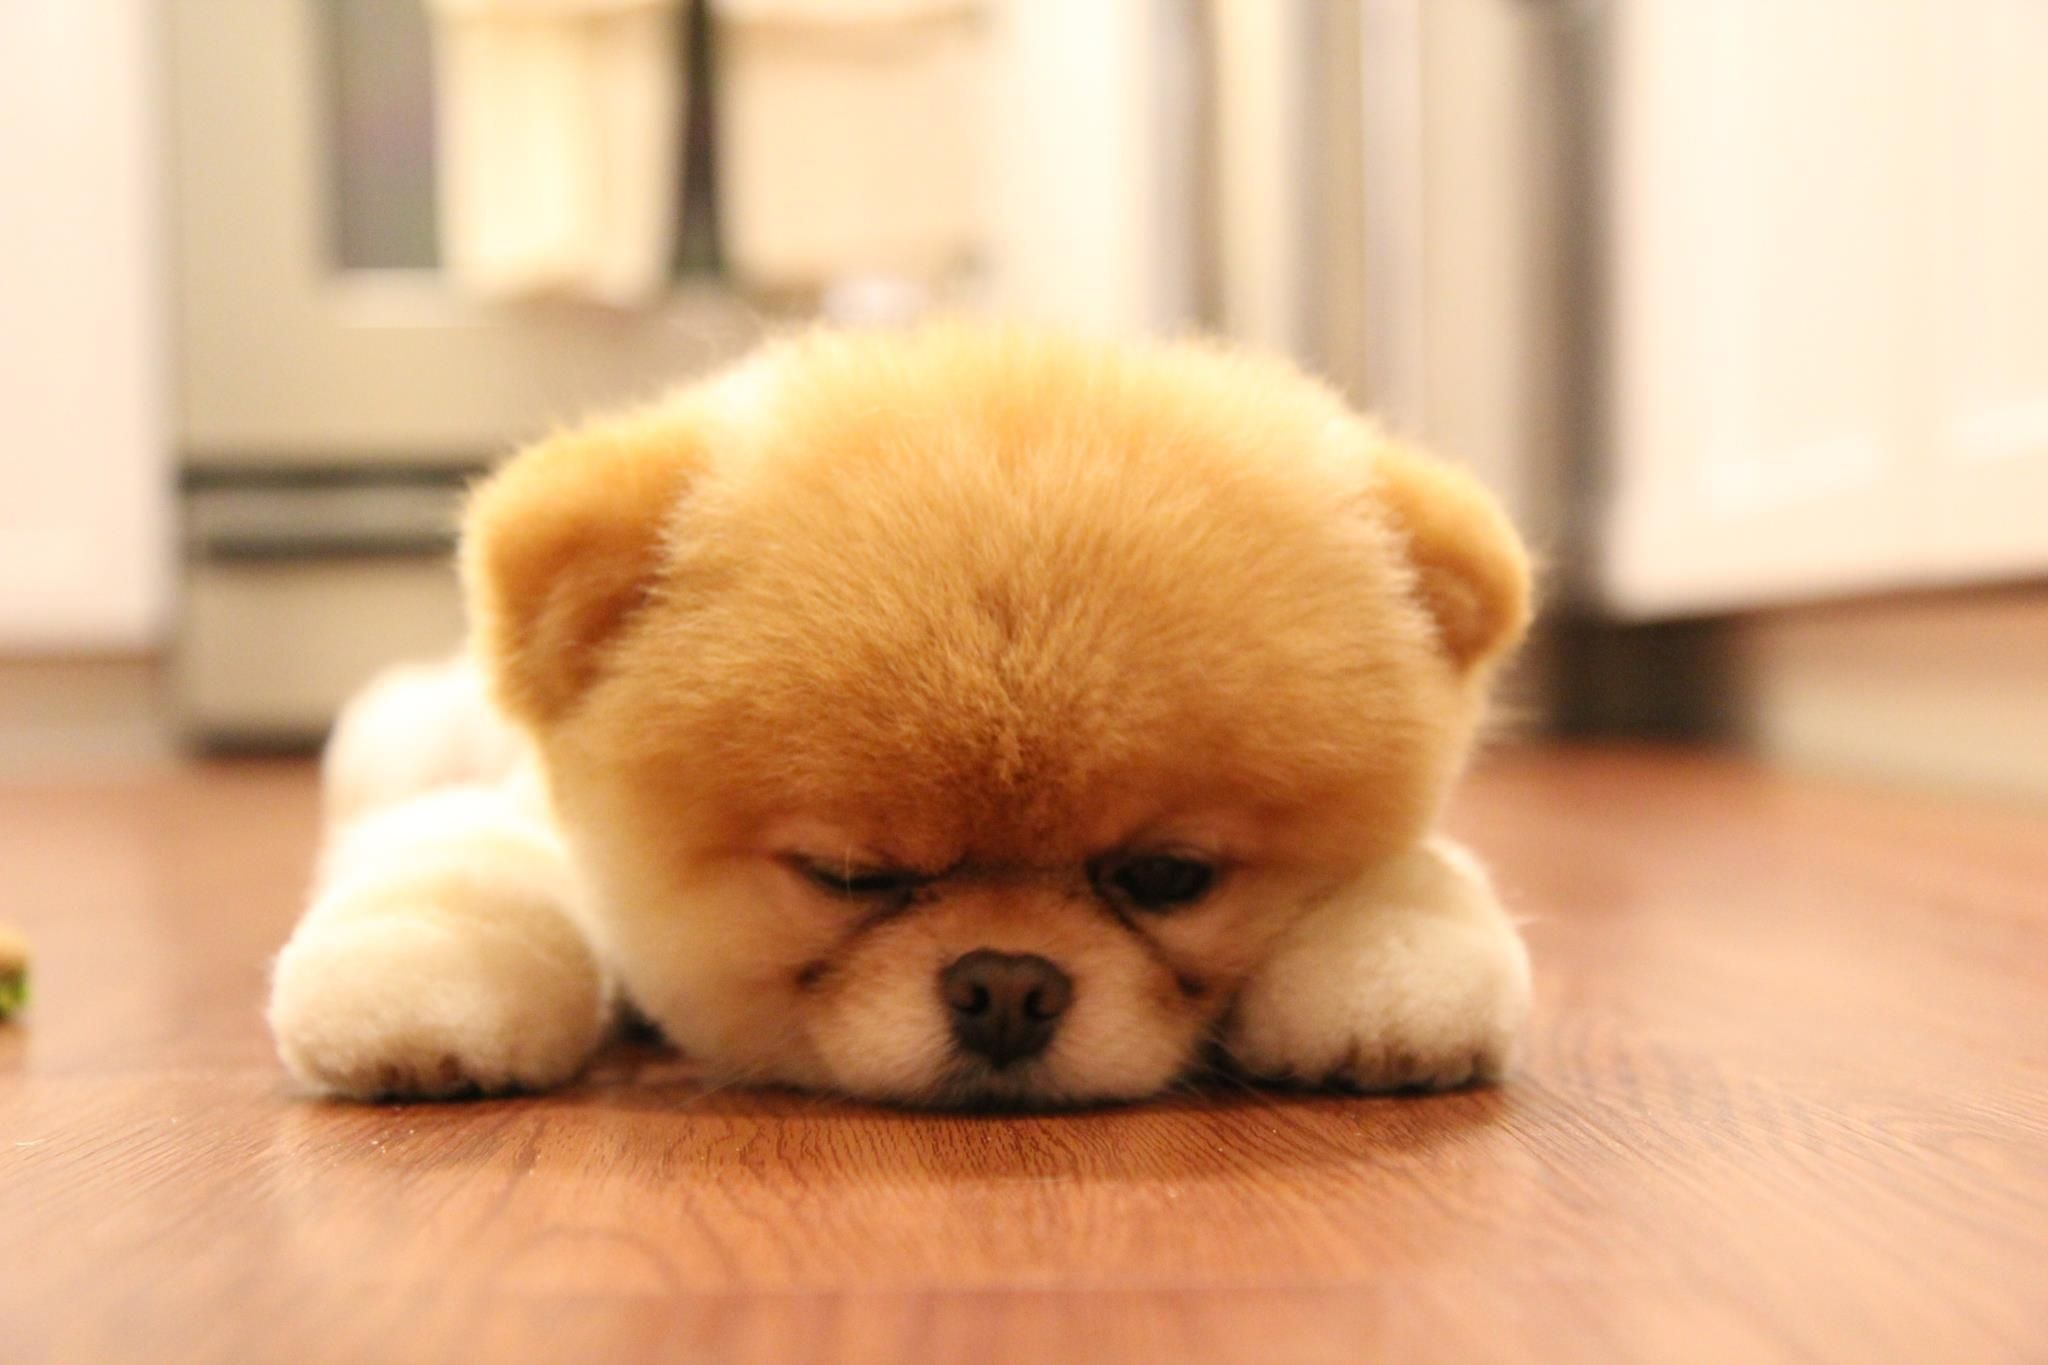 Good Teddy Bear Chubby Adorable Dog - b96fcb618c4e51ede7b0b5baaa1b8a72  Picture_459590  .jpg